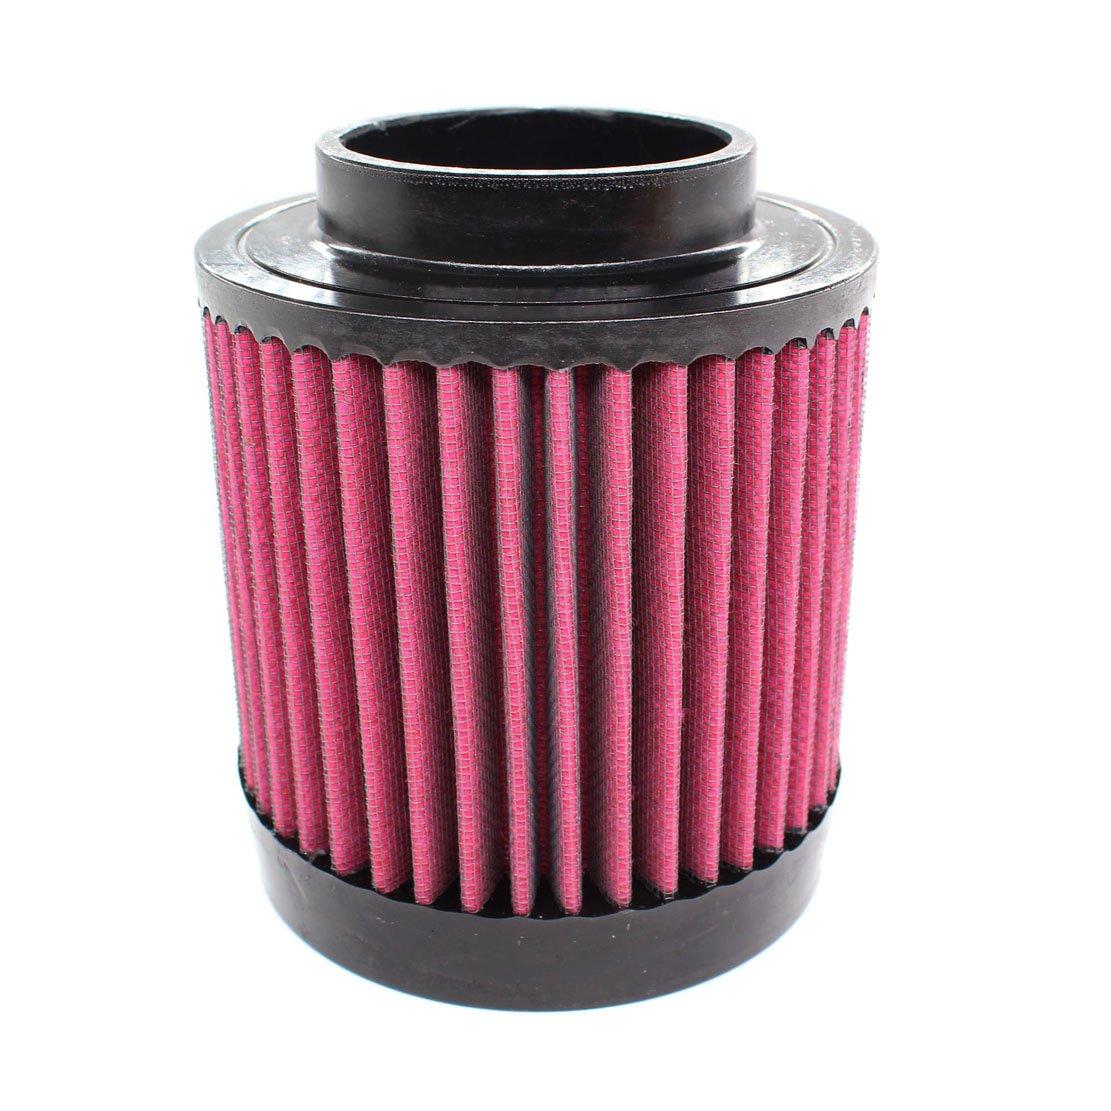 Air Filters USPEEDA Air Filter for Polaris Trail Boss 325 330 2x4 ...